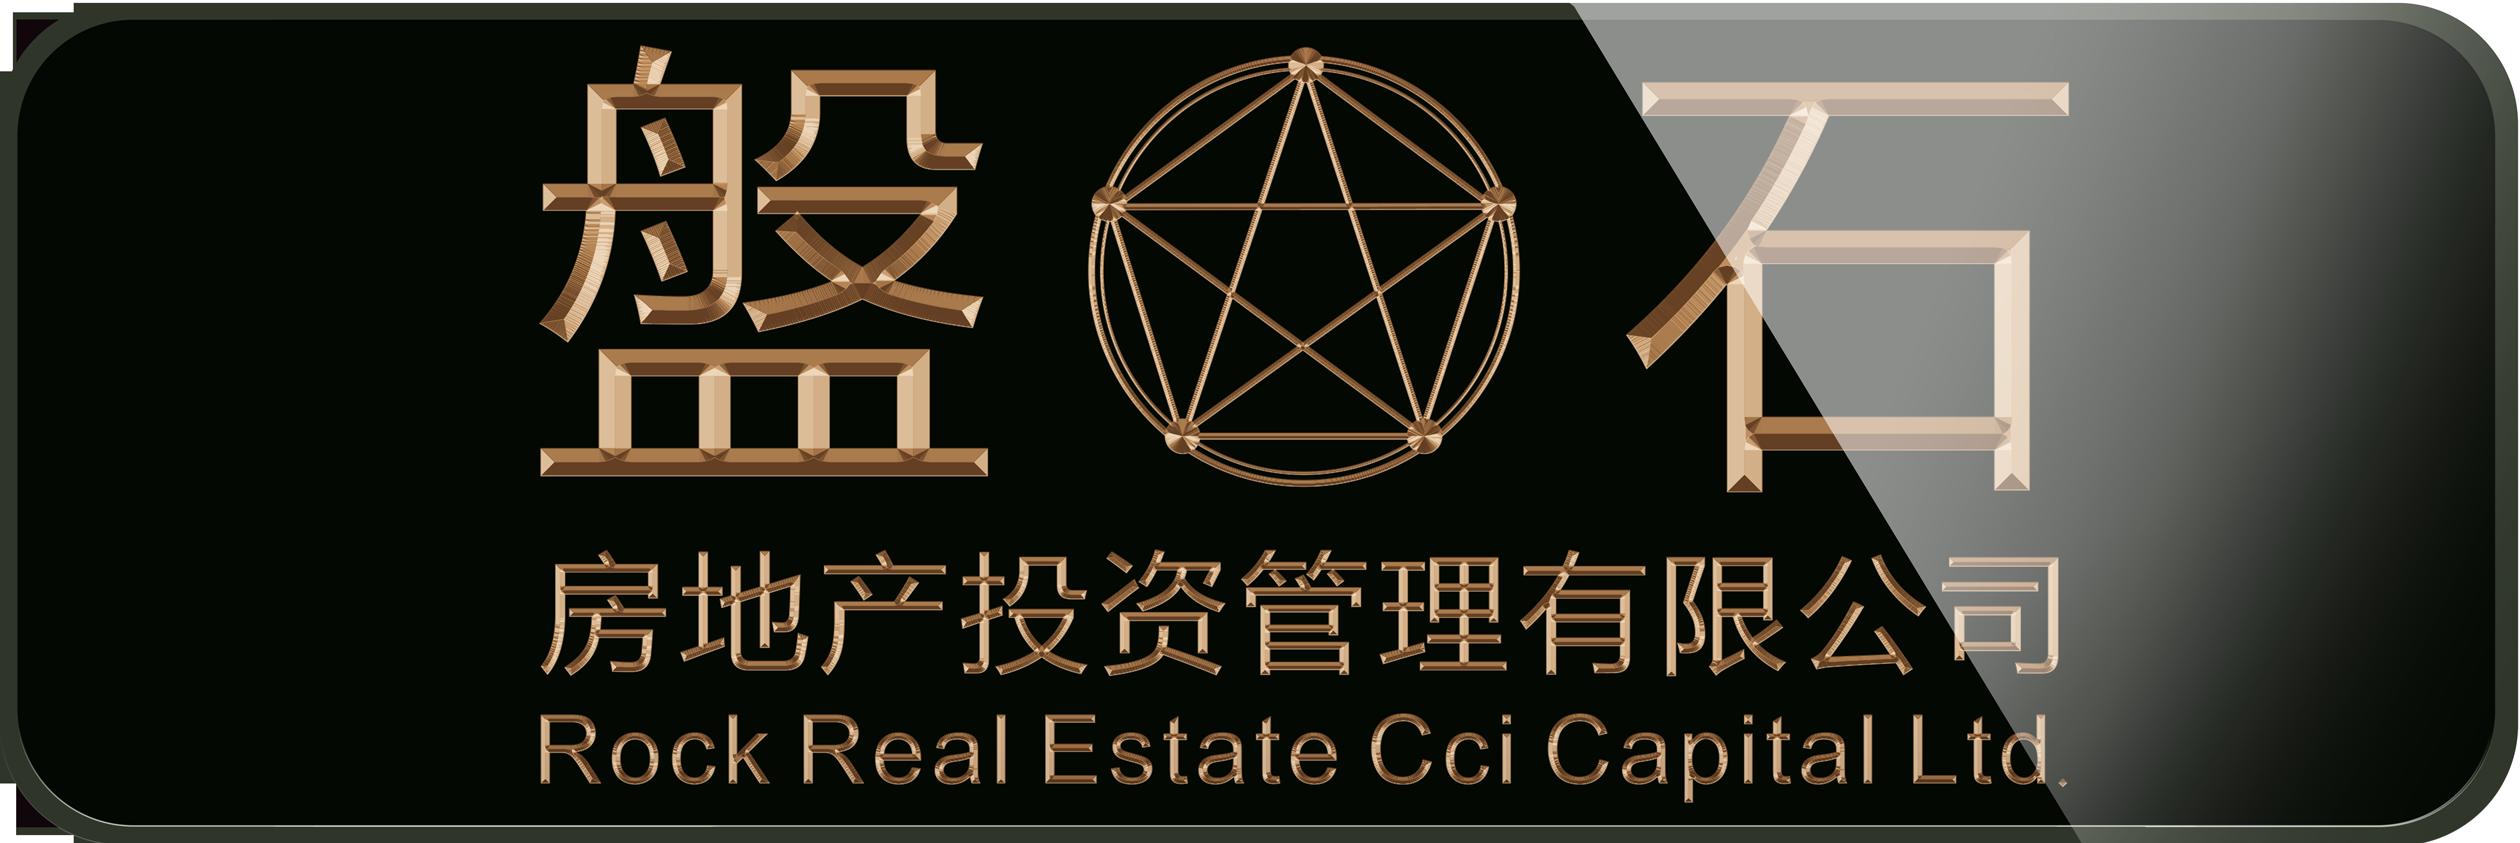 中山市盘石房地产投资管理有限公司_国际人才网_job001.cn